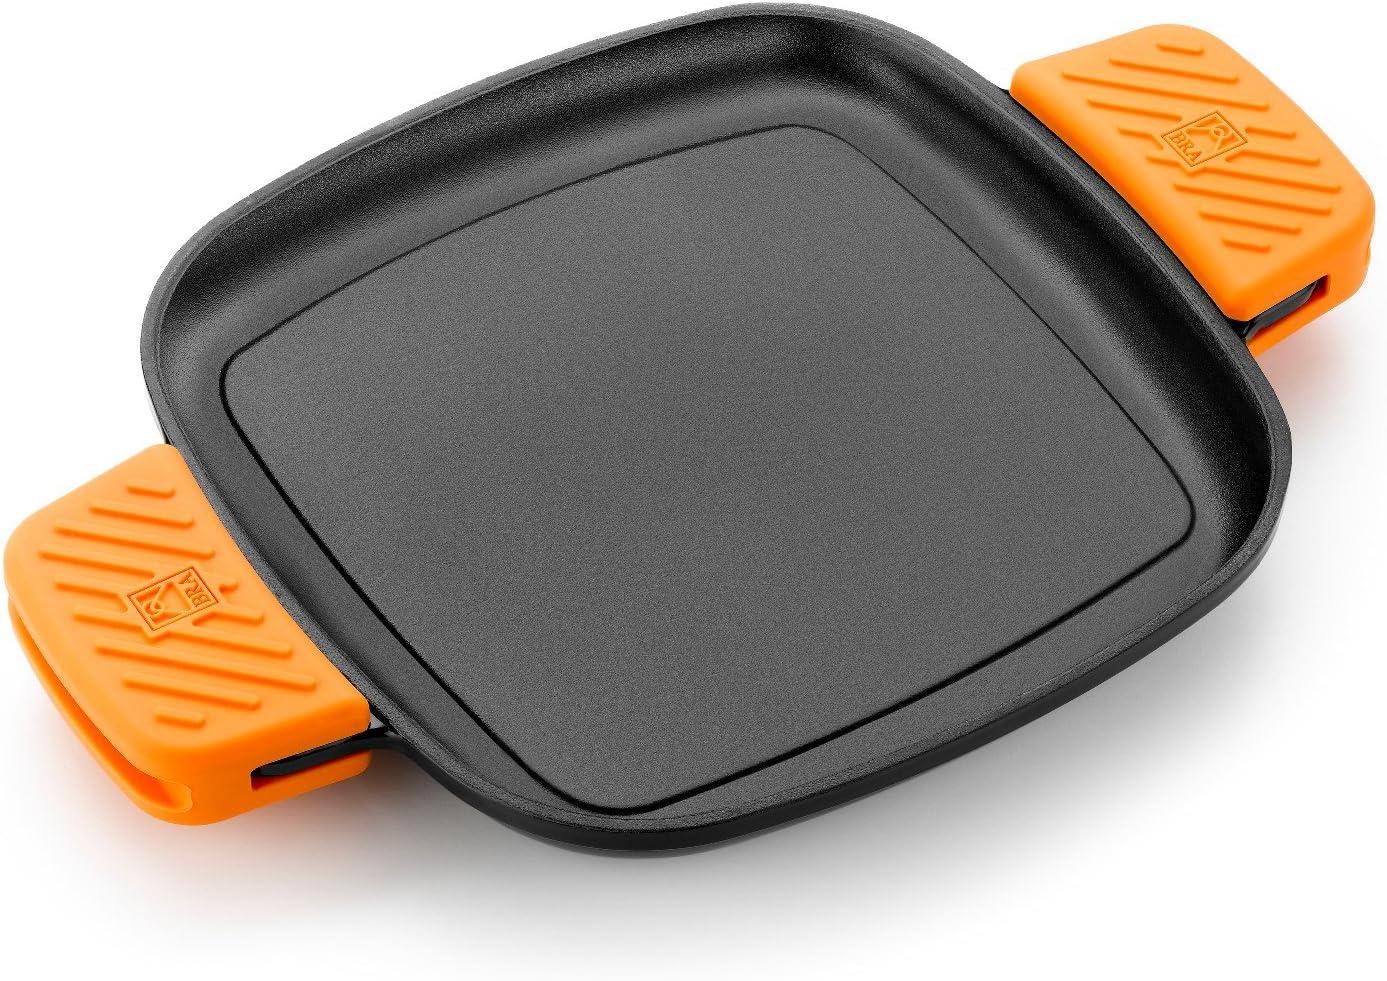 BRA Efficient Iron - Parrilla cuadrada 24 cm, fabricada en hierro fundido esmaltado. Apta para su uso en horno y todo tipo de cocinas, incluída inducción. Apta para el lavavajillas.